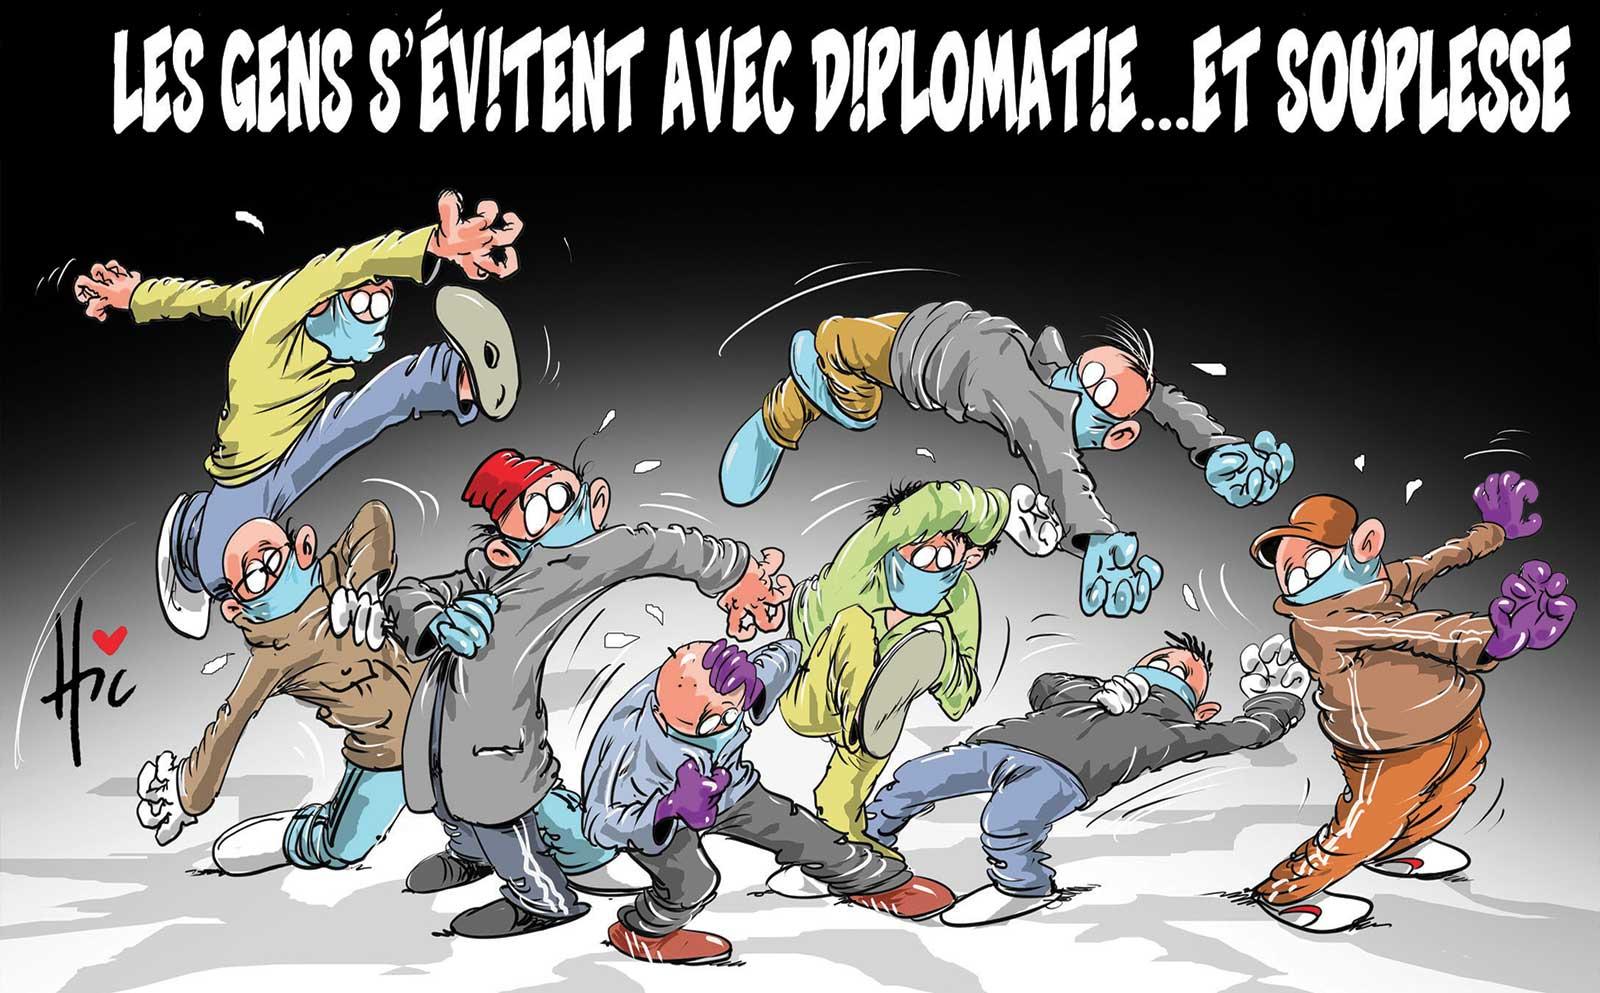 Les gens s'évitent avec diplomatie et souplesse - Dessins et Caricatures, Le Hic - El Watan - Gagdz.com